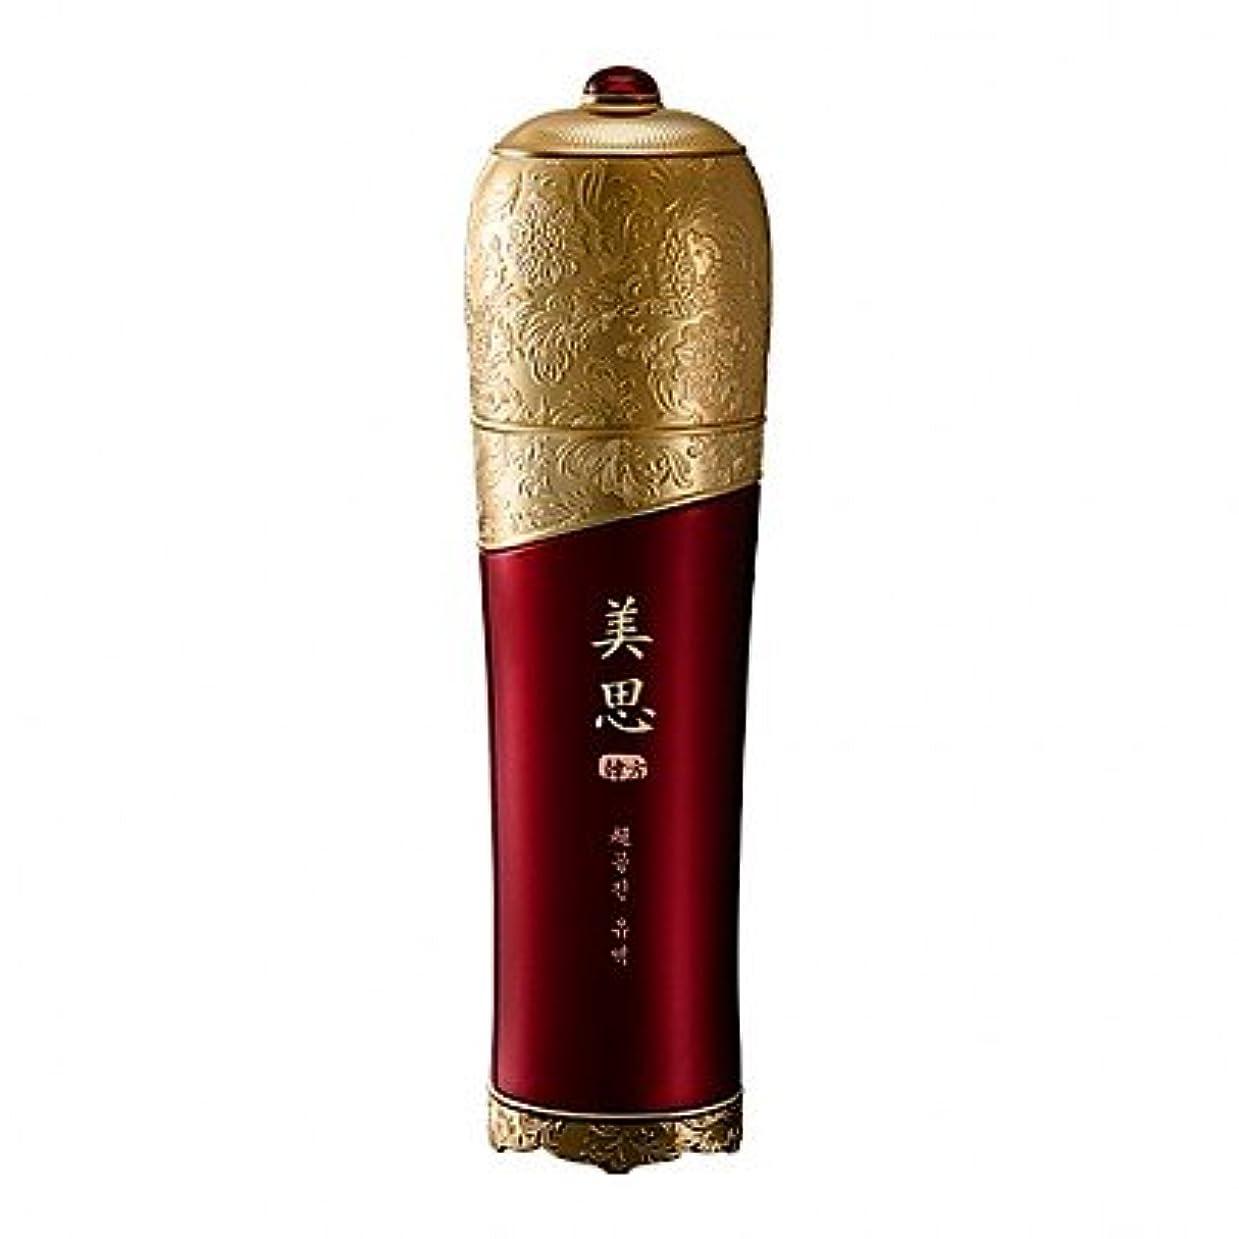 是正物語勝利したMISSHA/ミシャ チョゴンジン 乳液 (旧チョボヤン) 125ml[海外直送品]